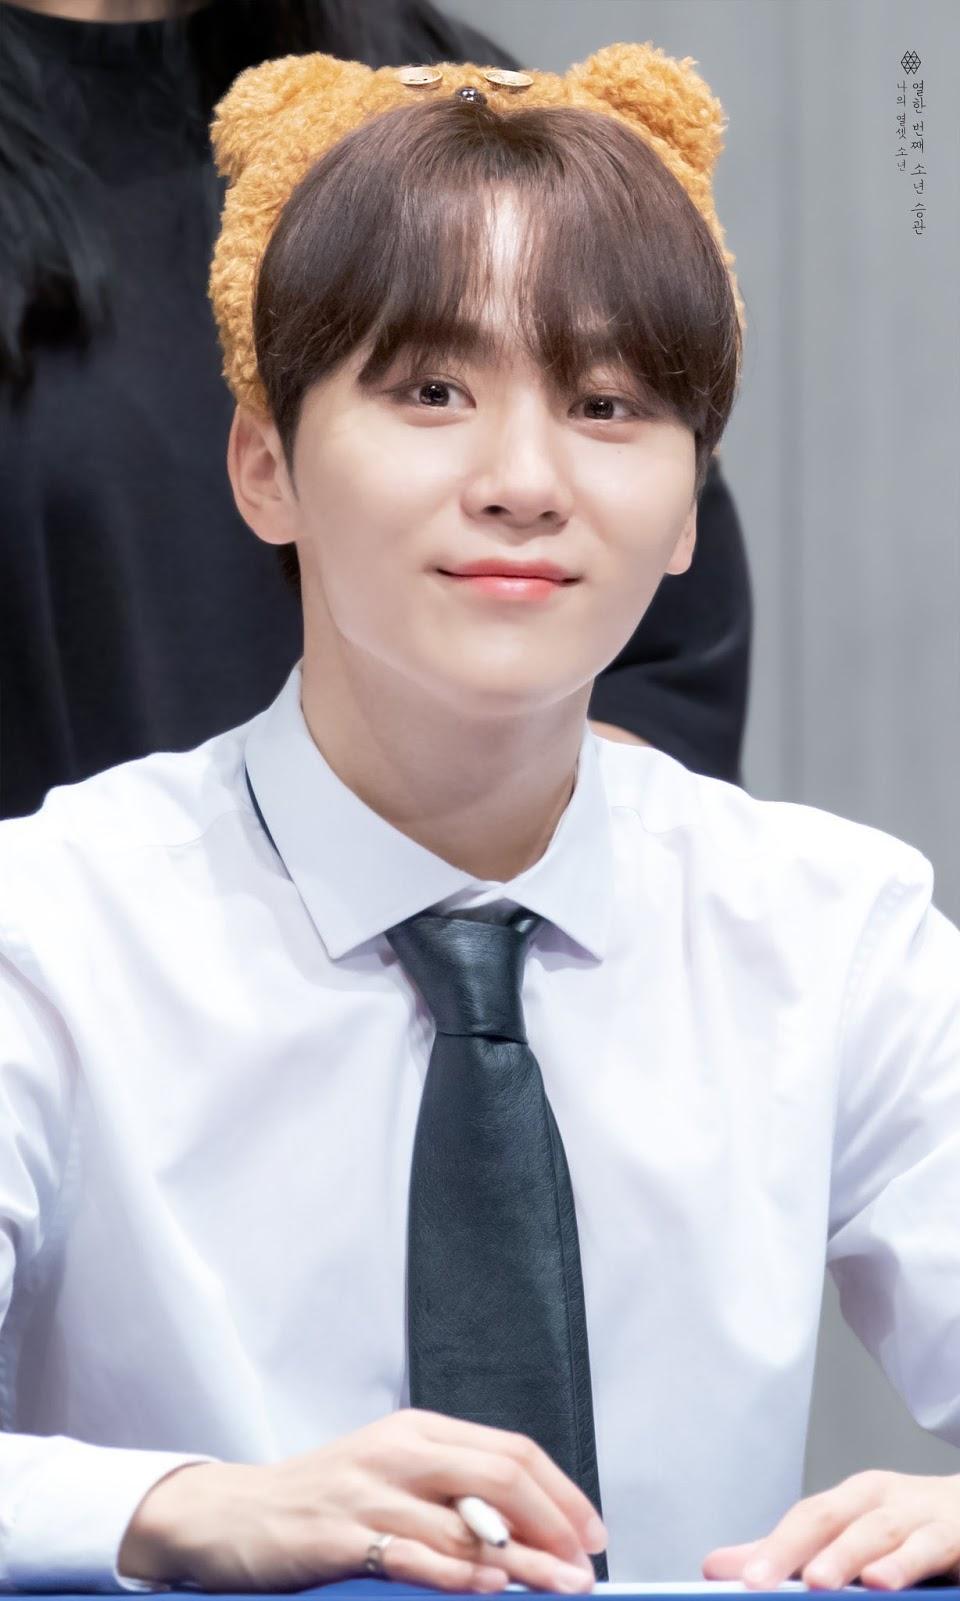 seungkwan 1